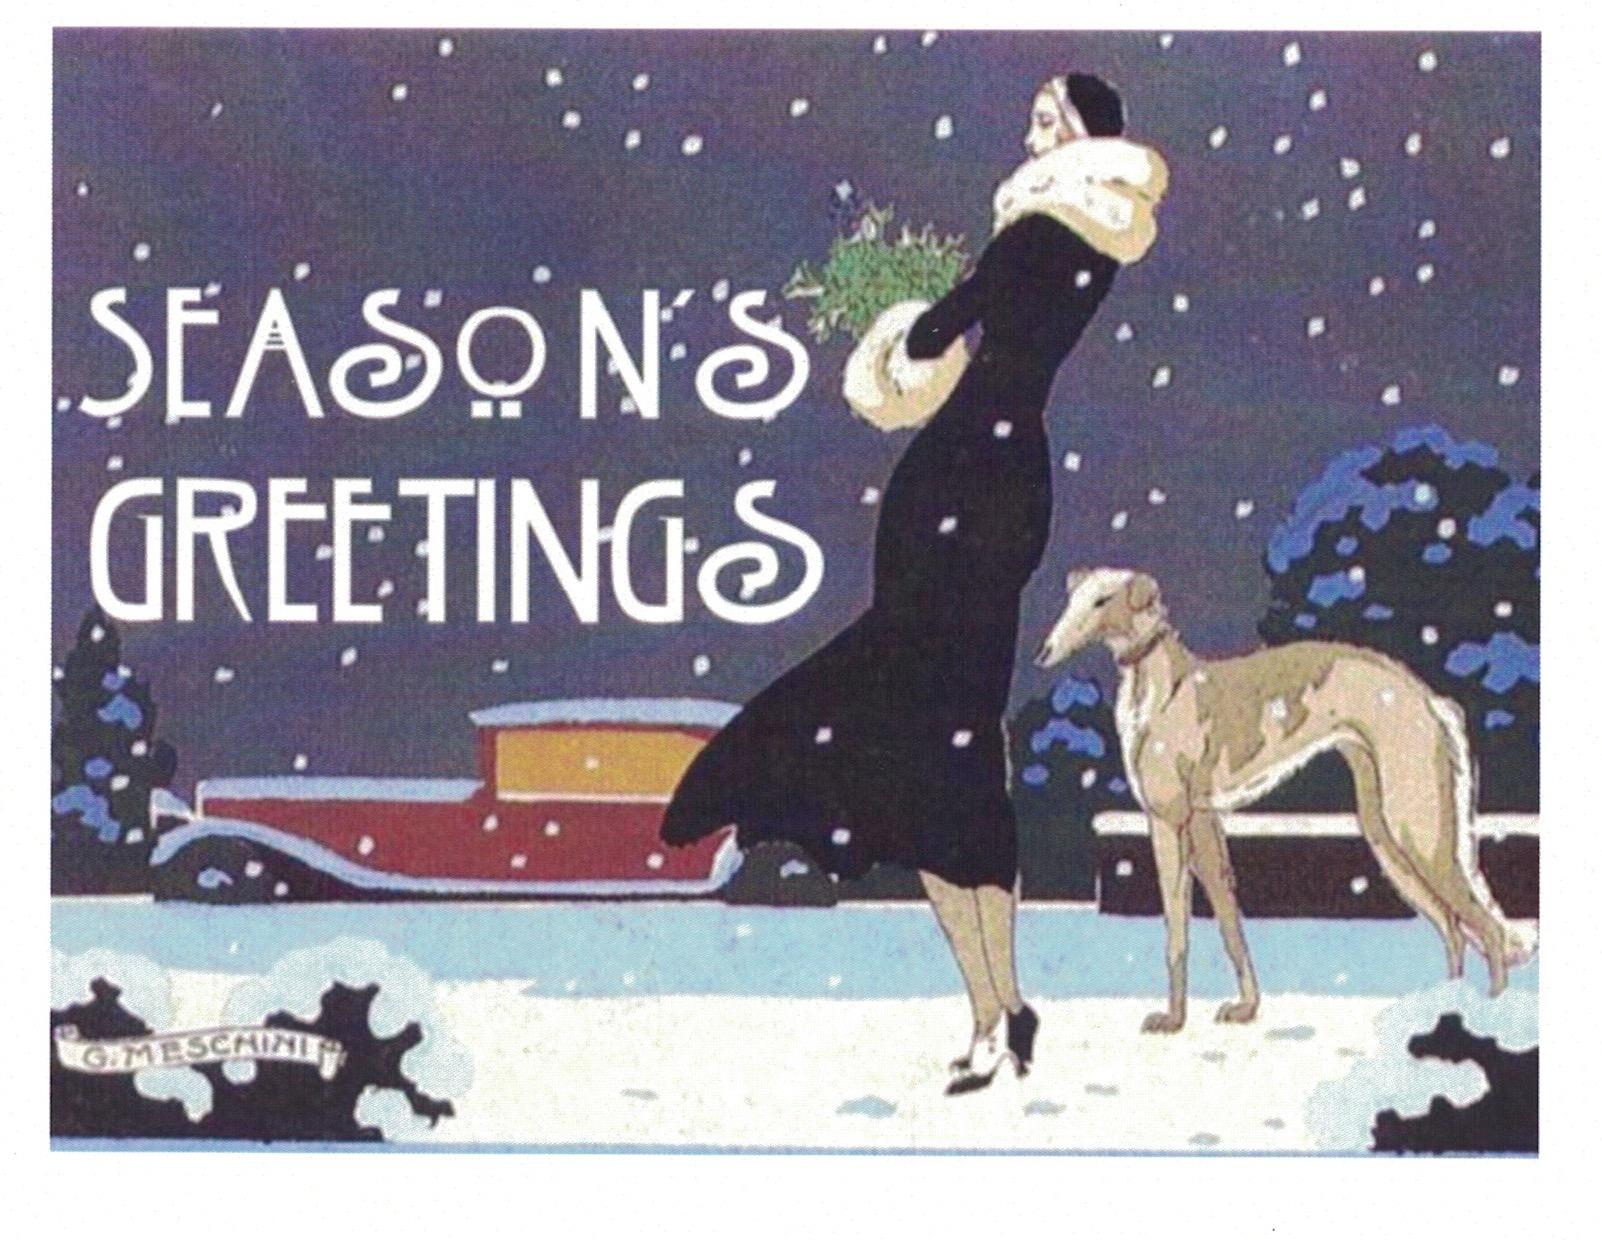 SeasonsGreetingsOutside.jpeg